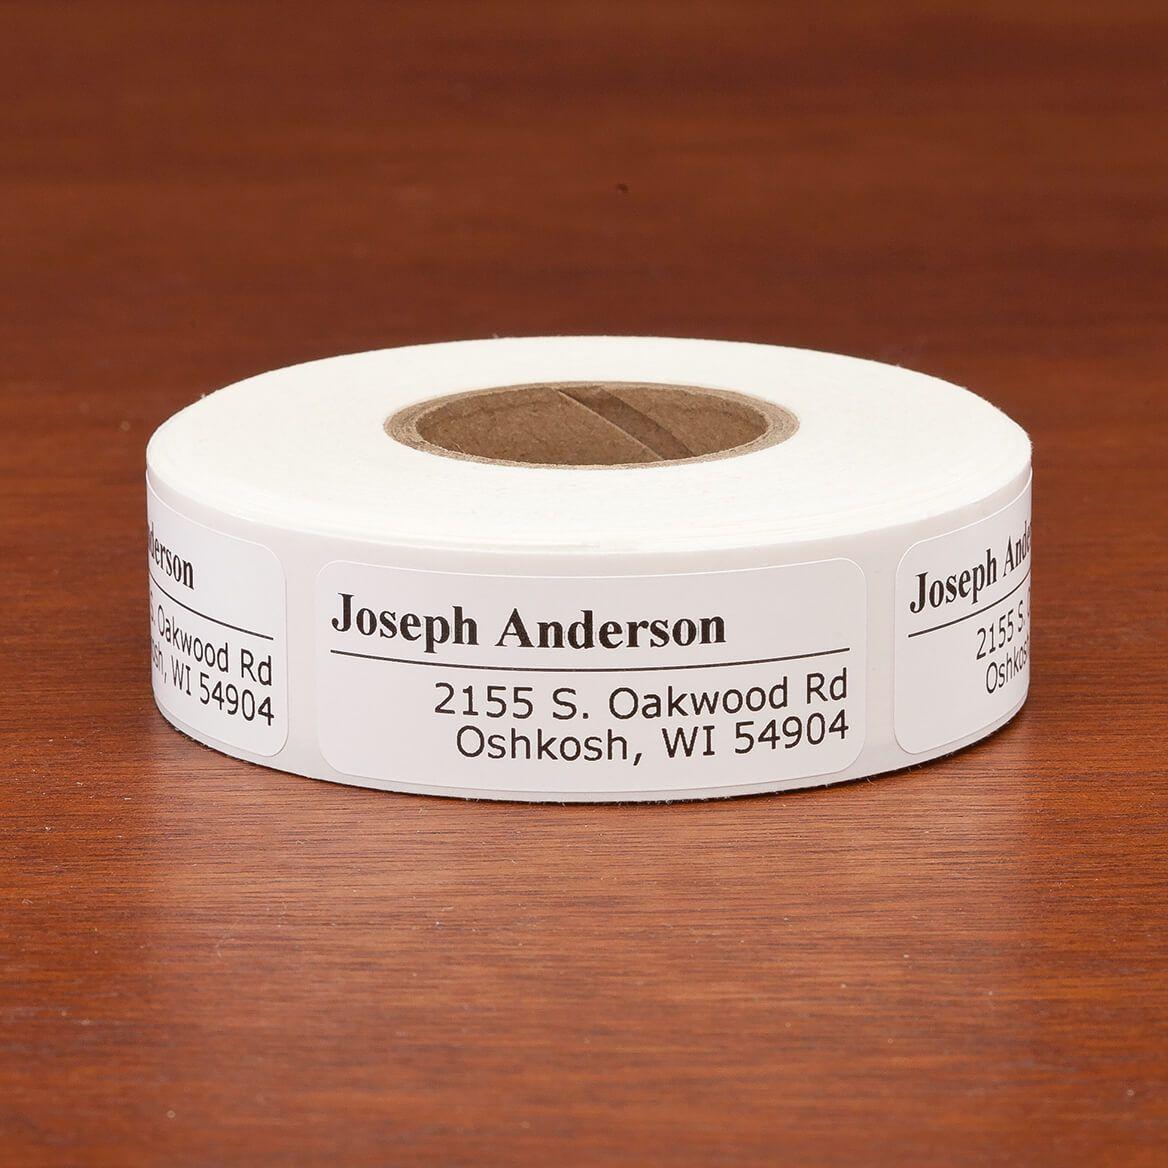 Off-Centered Address Labels, 500-351395